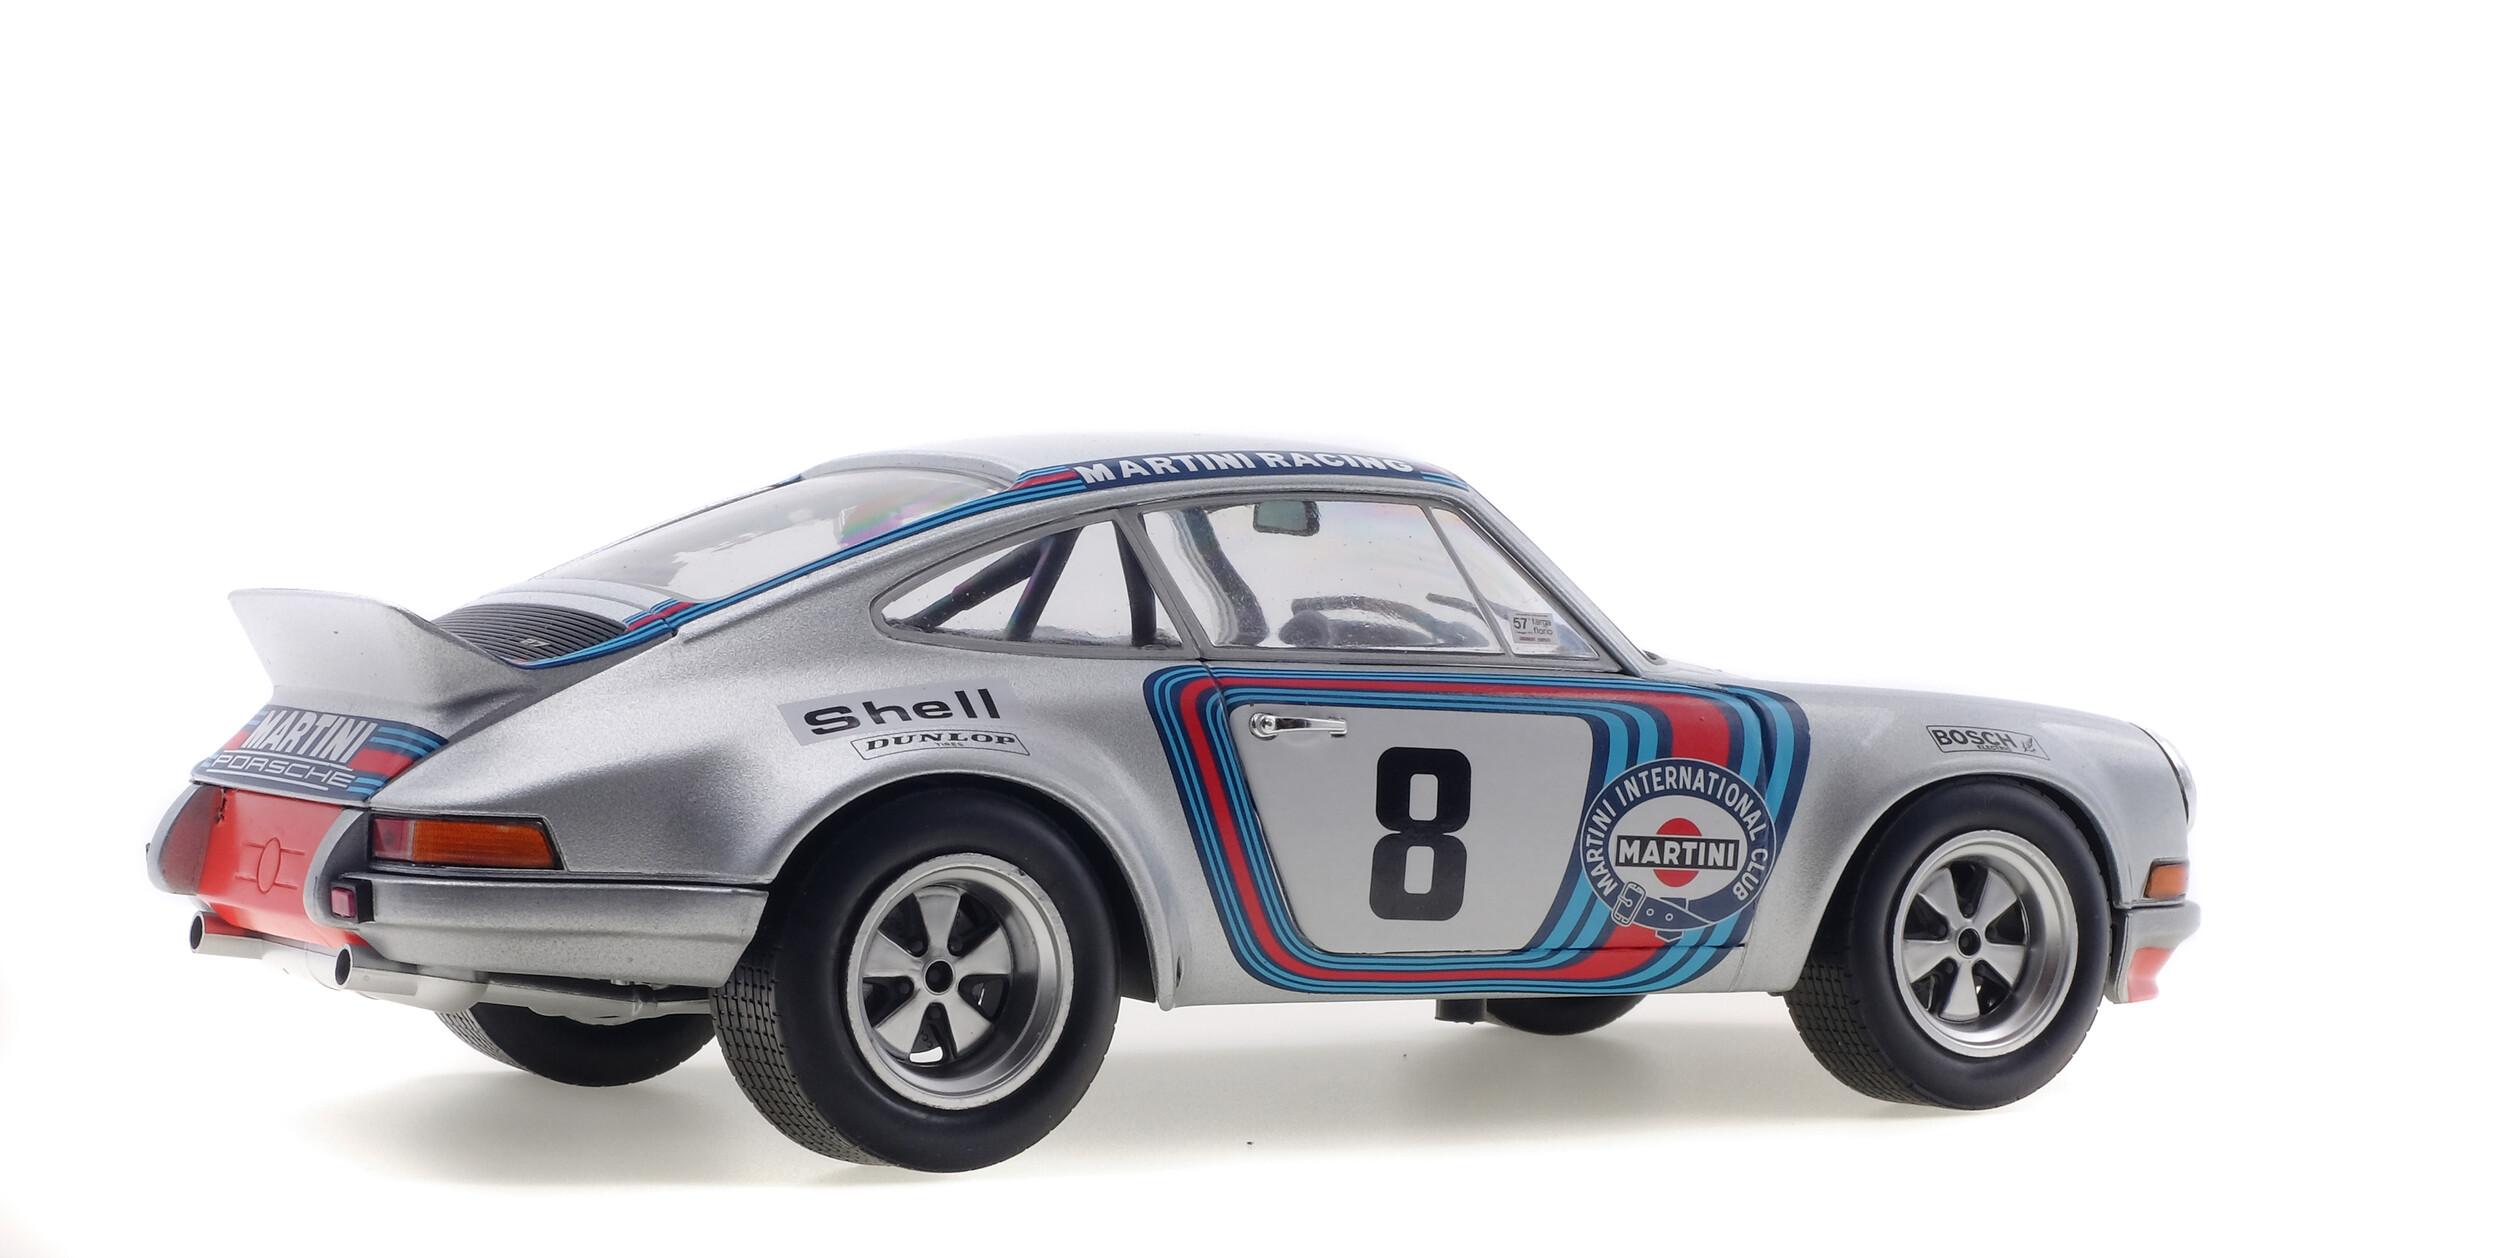 Solido Porsche 911 rsr 2.7 Targa Florio 1:18-421184140 s1801104